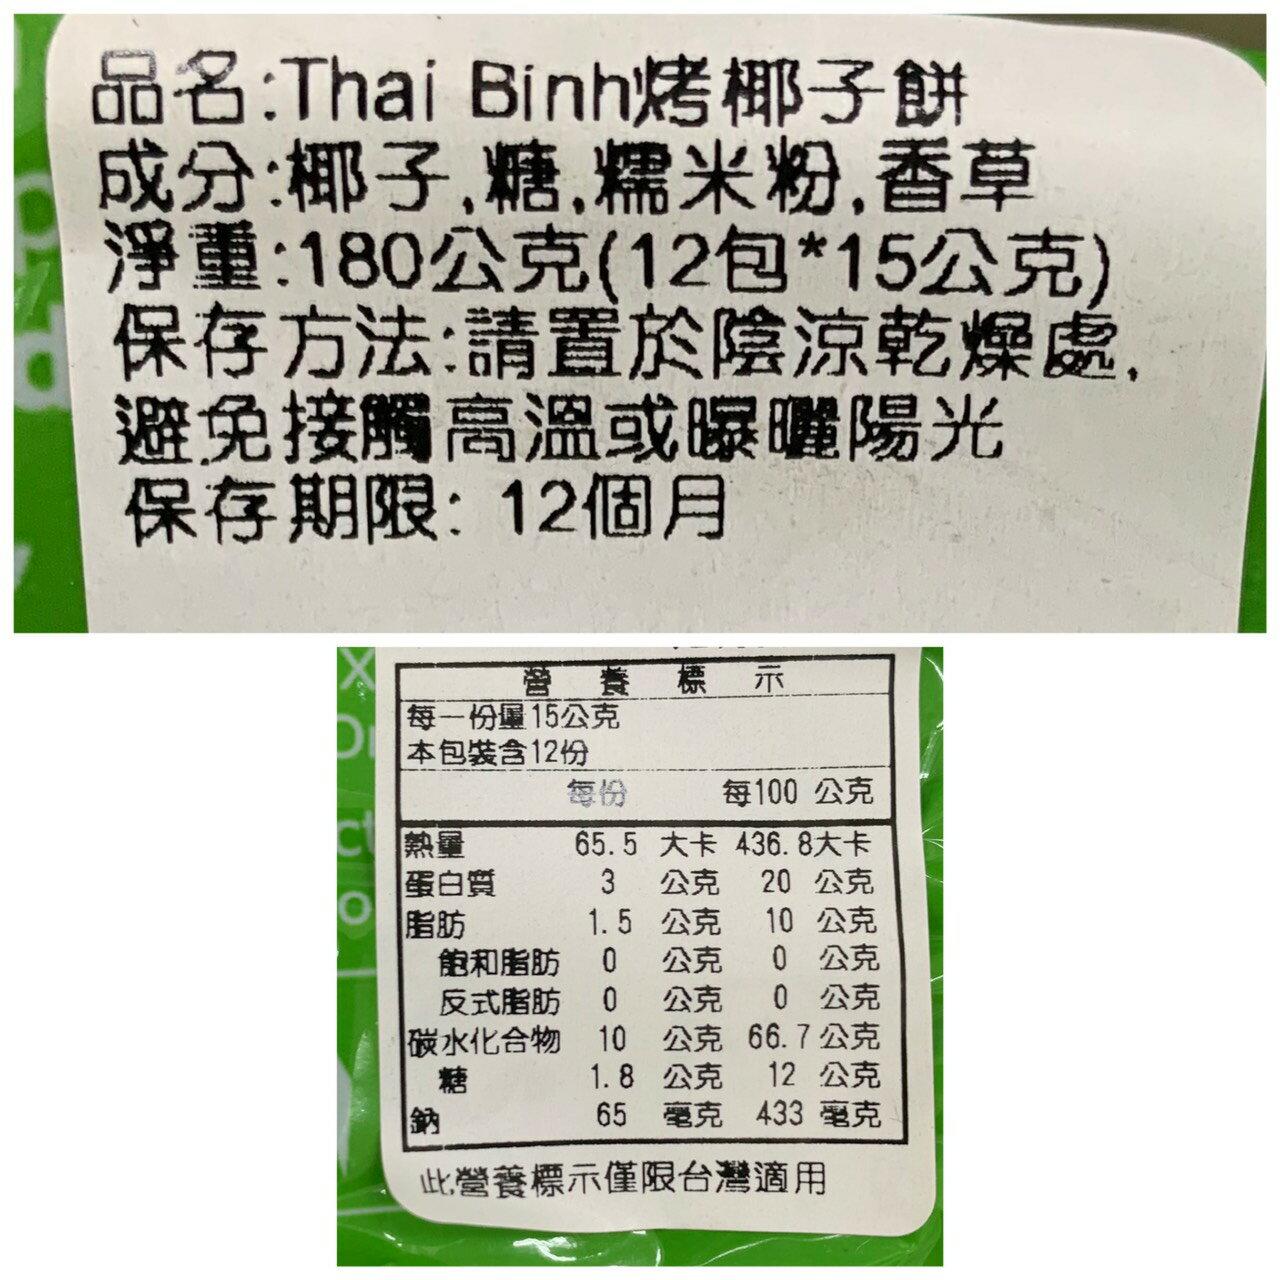 { 泰菲印越 }  越南 Thai binh 烤椰子餅 椰子餅乾 12入 2